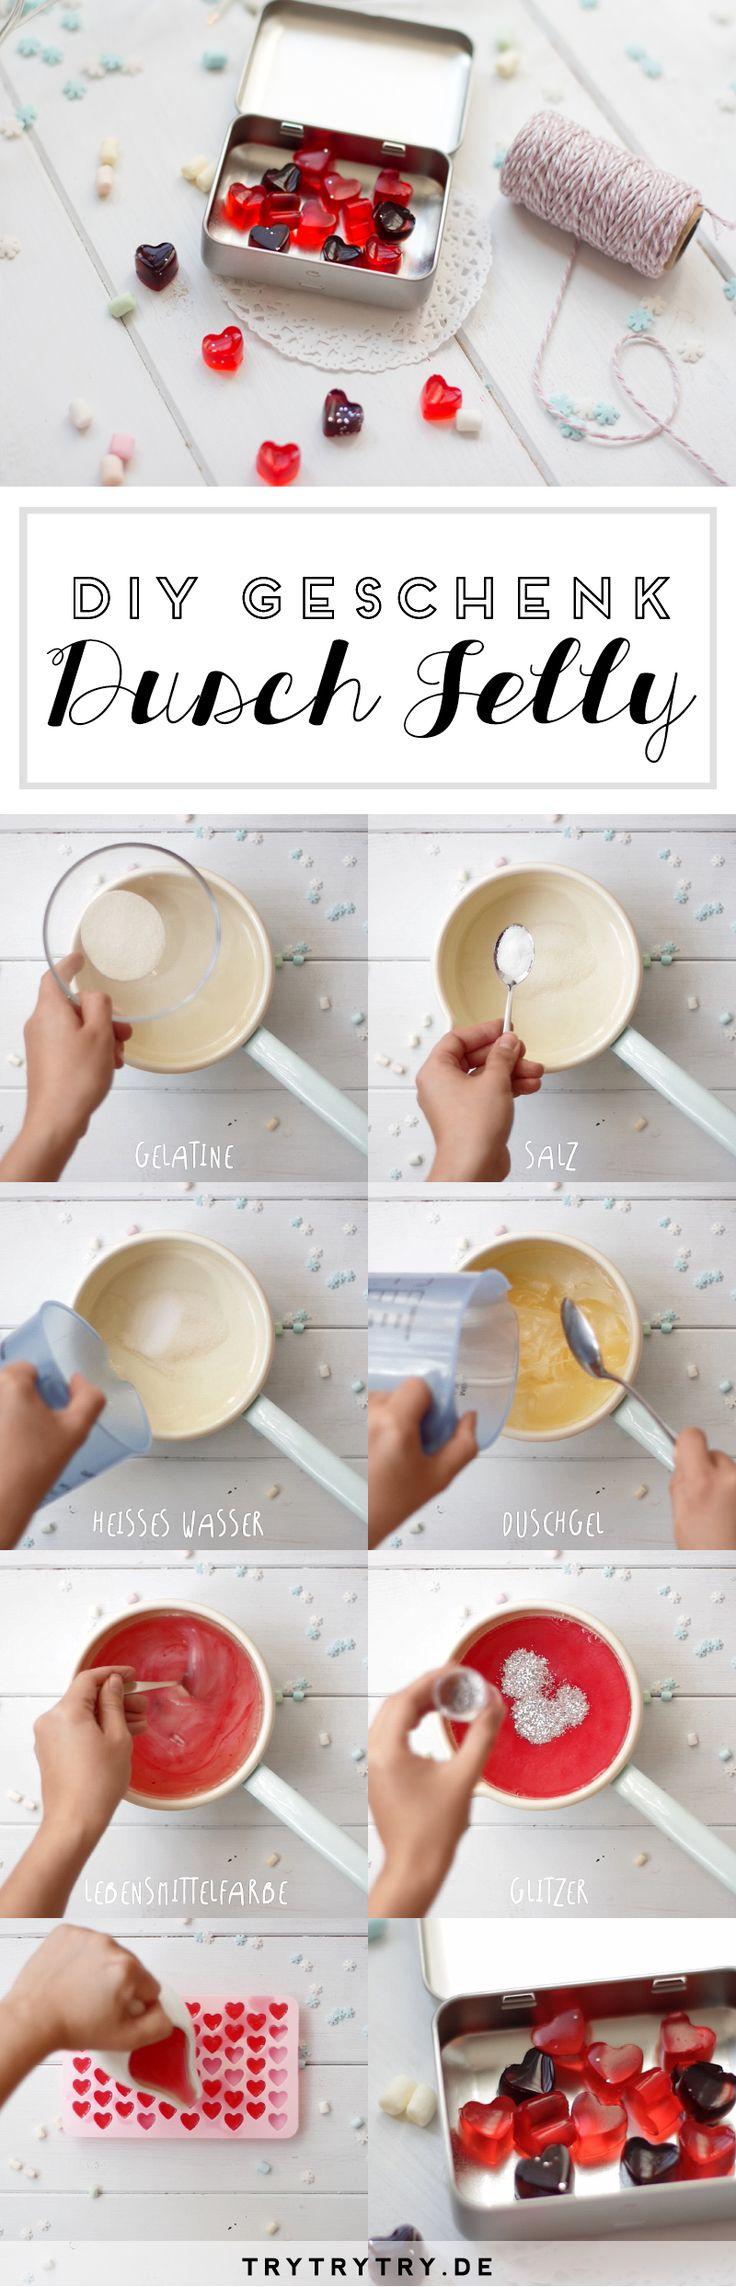 DIY Dusch Jelly wie von LUSH zum Verschenken